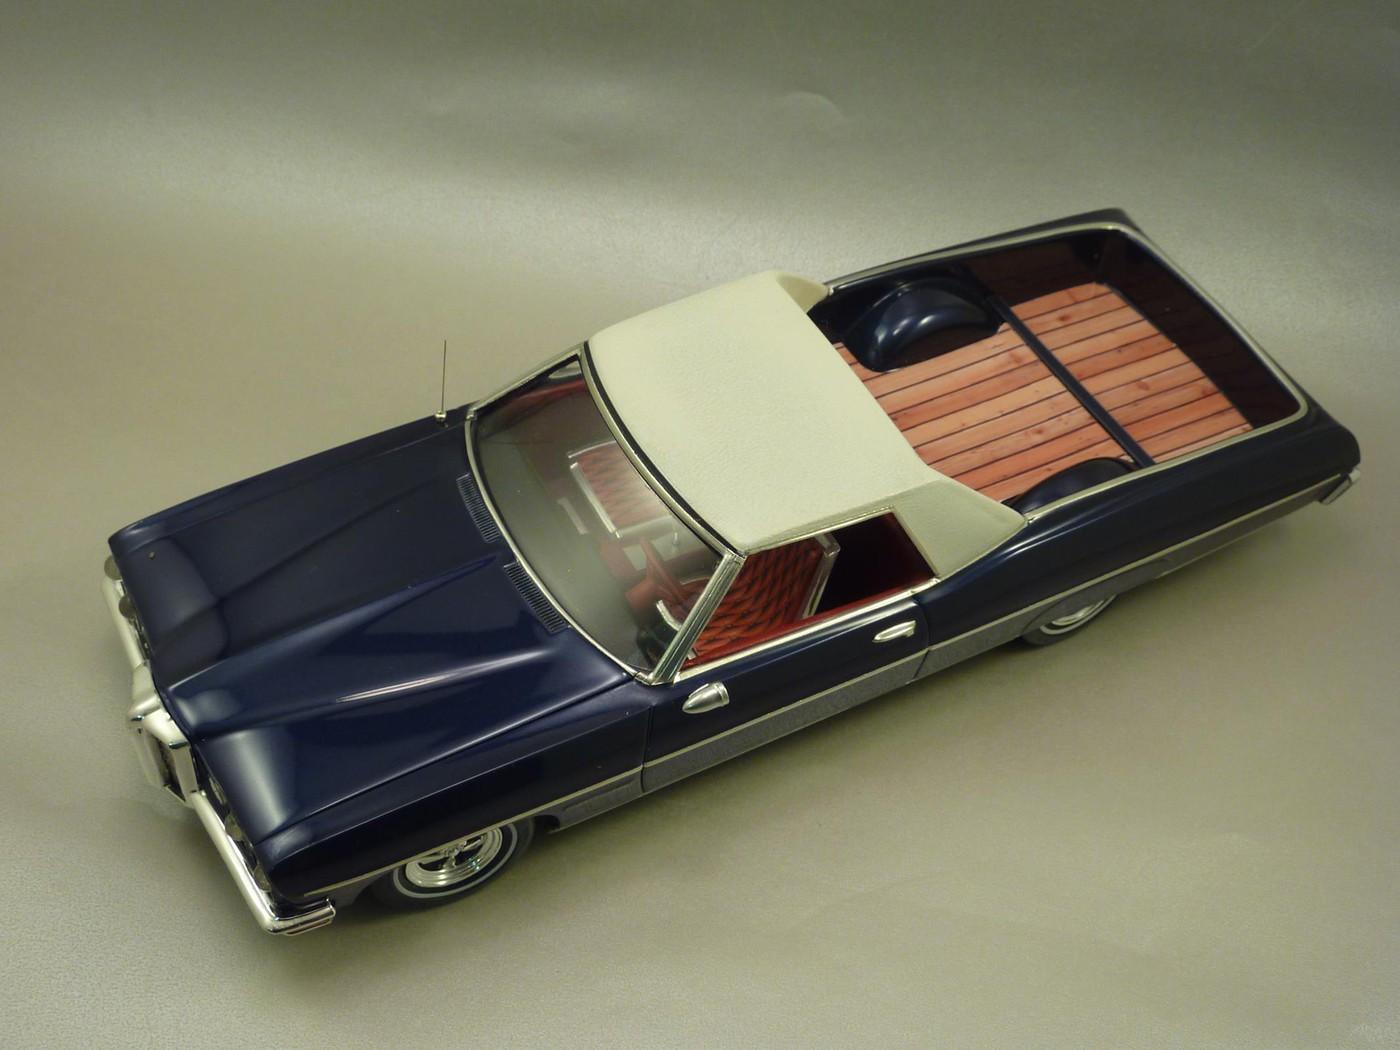 Pontiac Bonneville  70 Pick Up terminée Photo27-vi